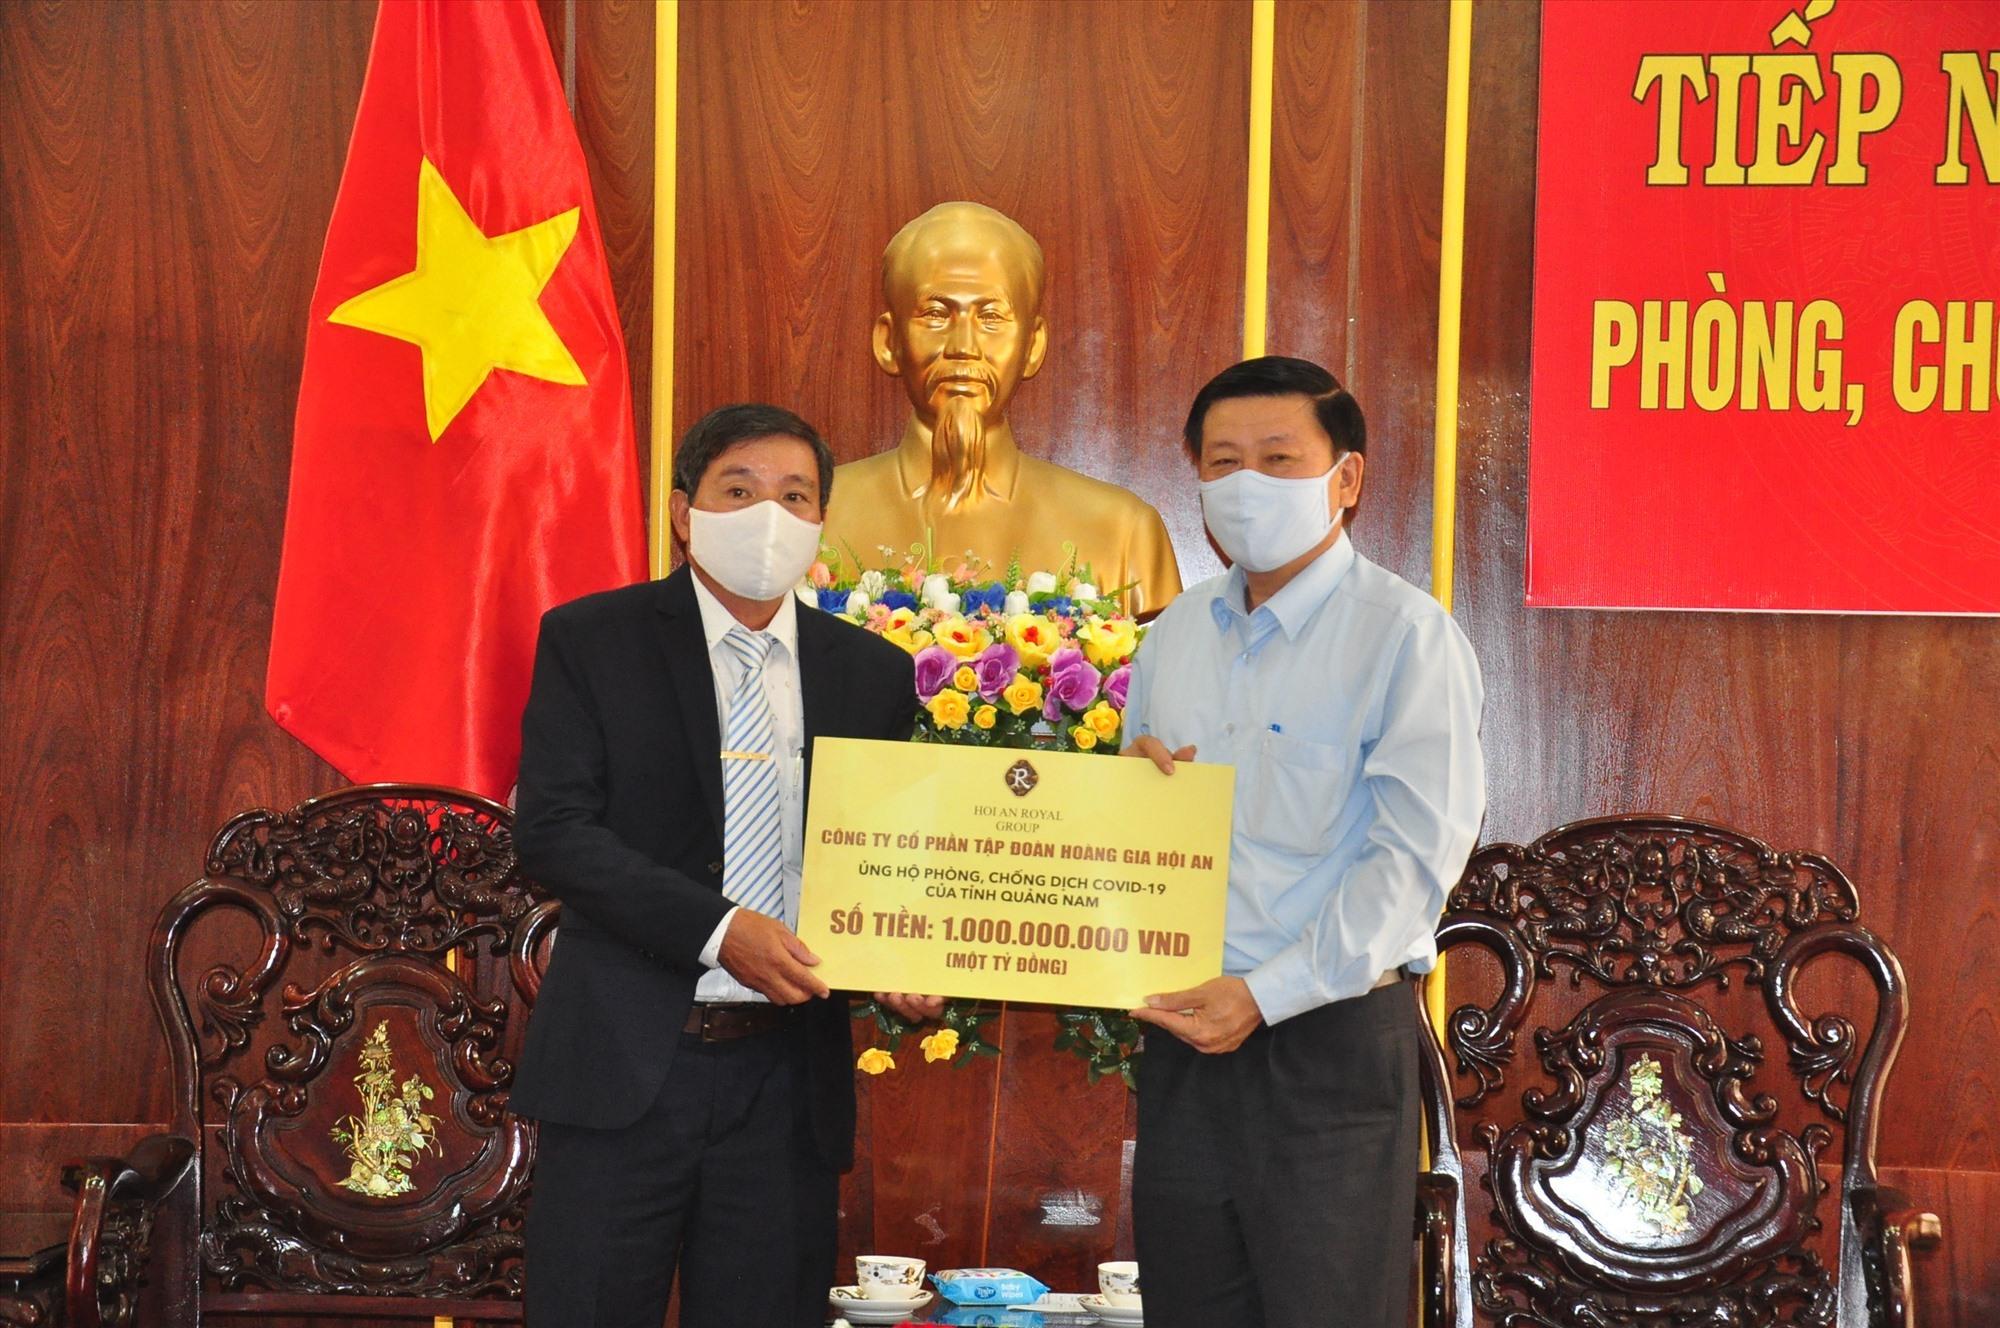 Đại diện Công ty CP Hoàng Gia trao biểu trưng ủng hộ 1 tỷ đồng cho lãnh đạo Ủy ban MTTQ Việt Nam tỉnh. Ảnh: VINH ANH